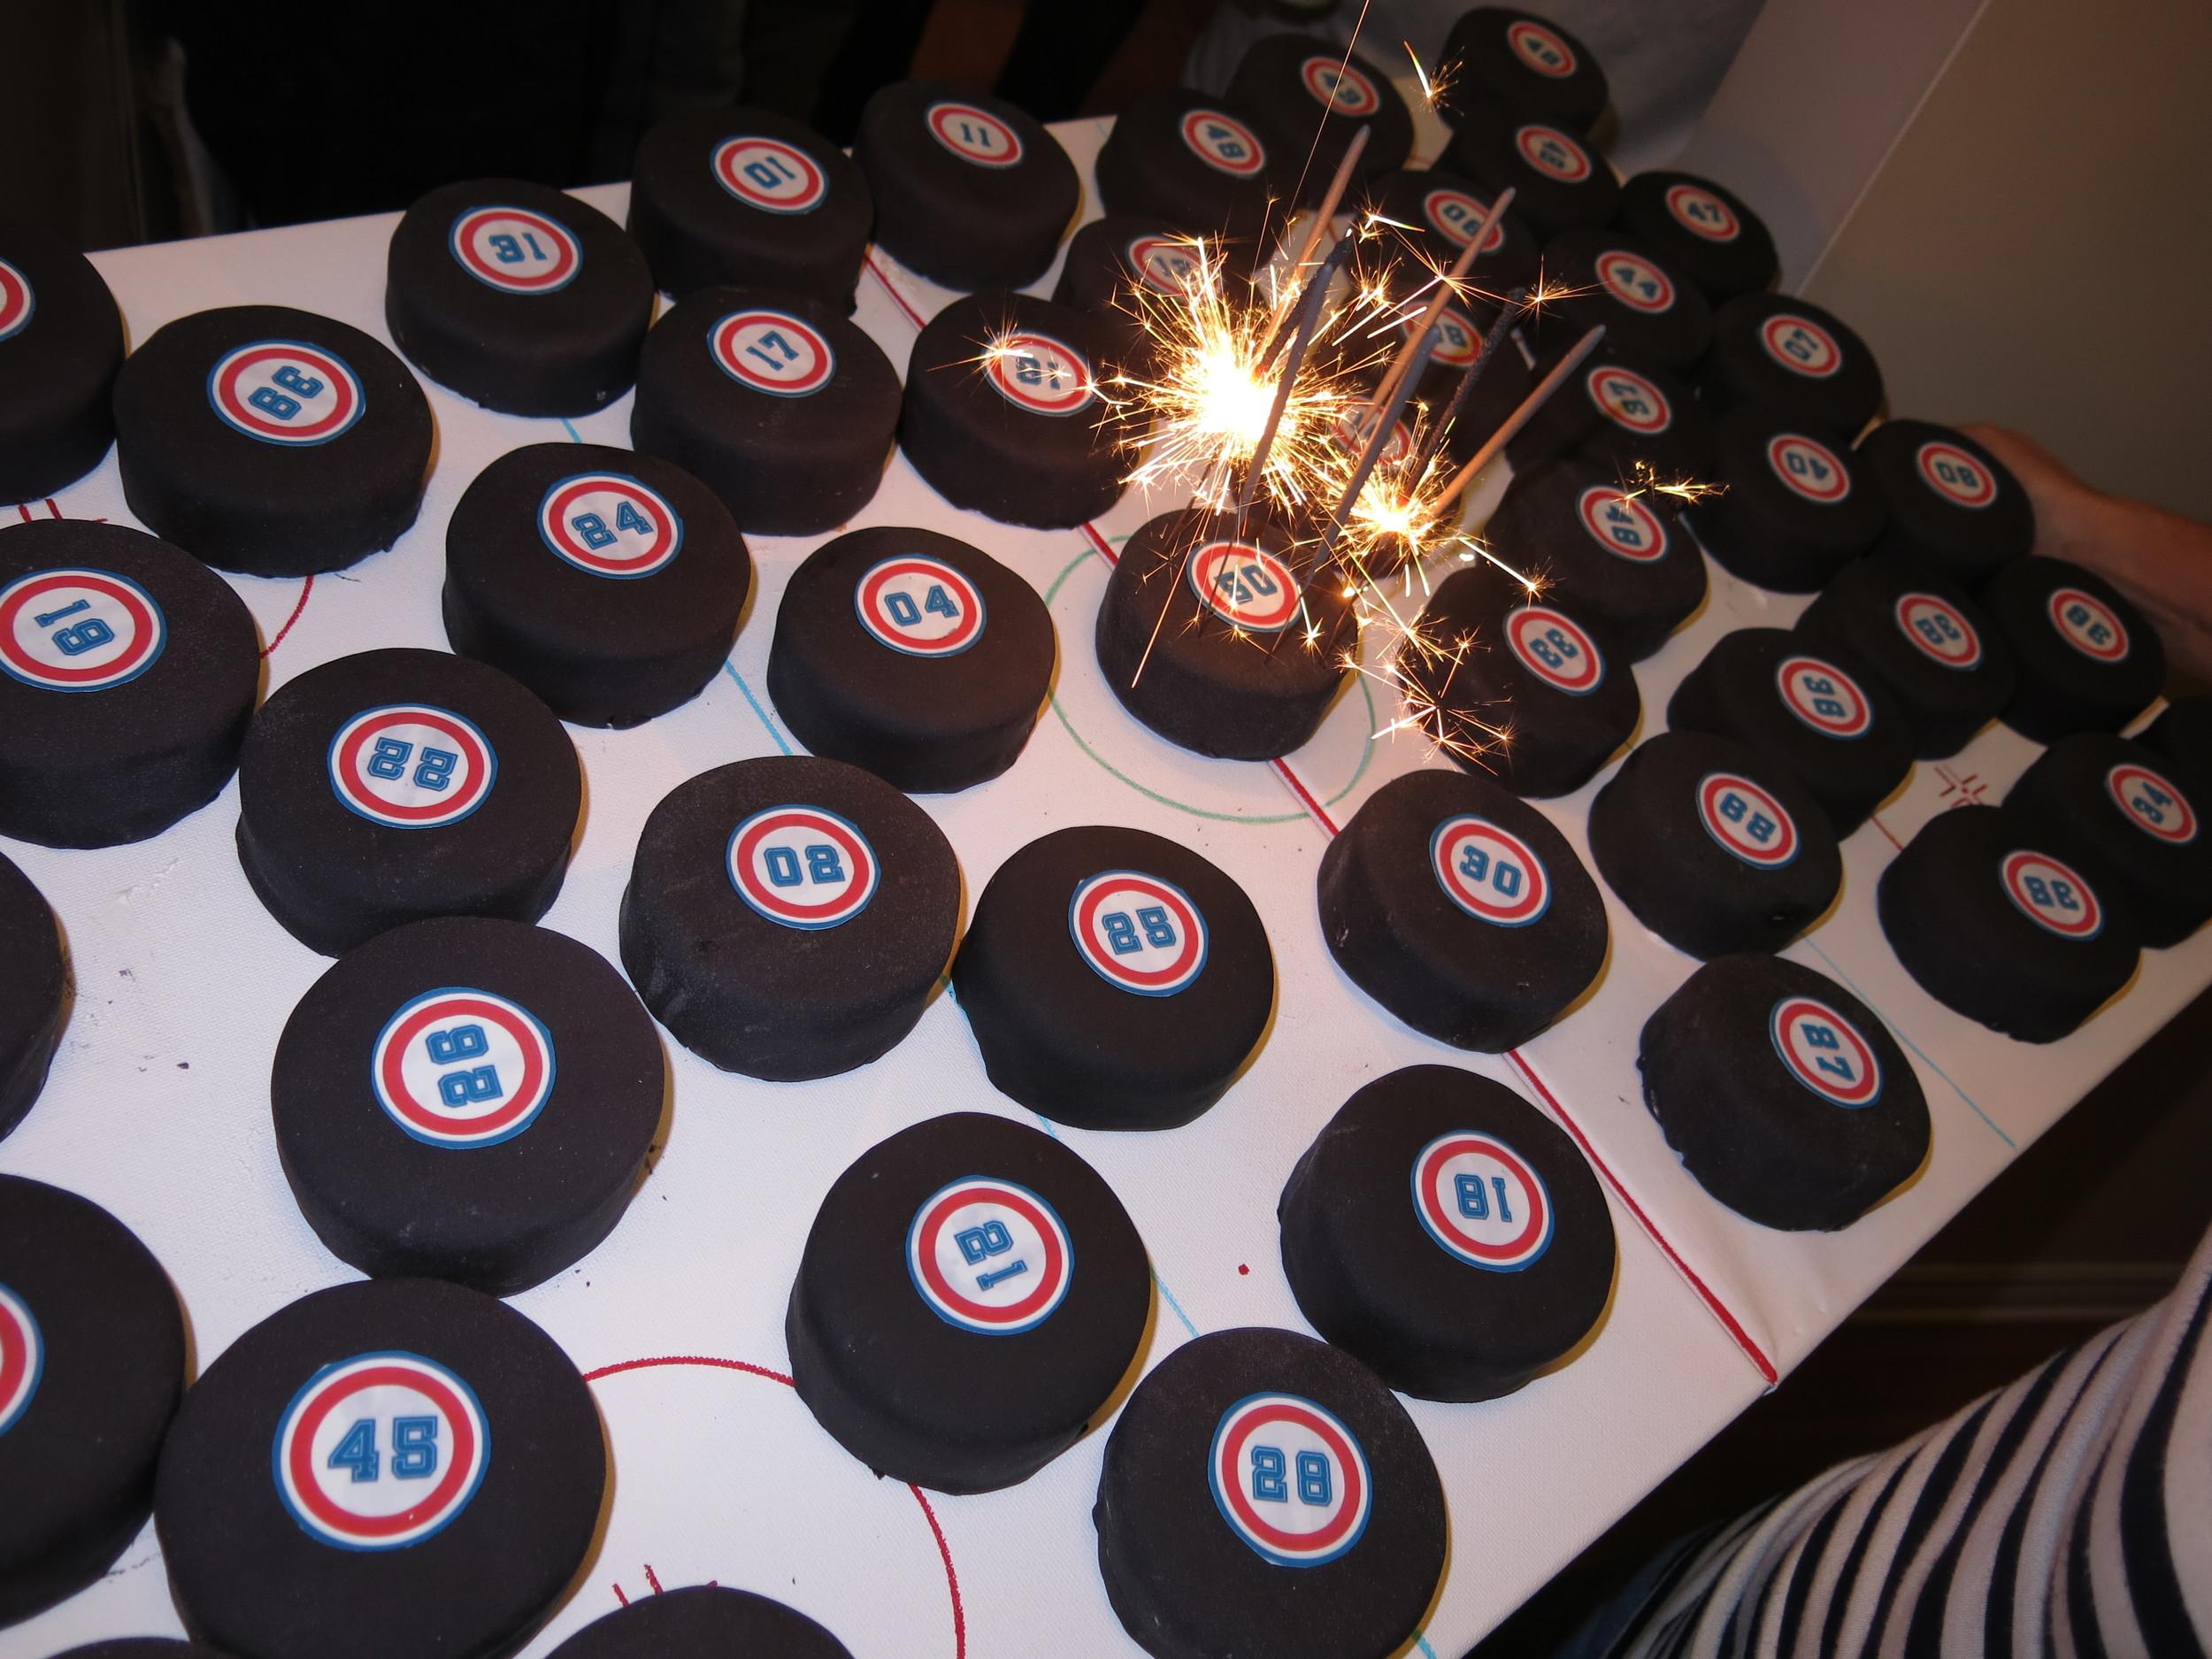 Le gâteau de fête des plus original. (Photo Larry)